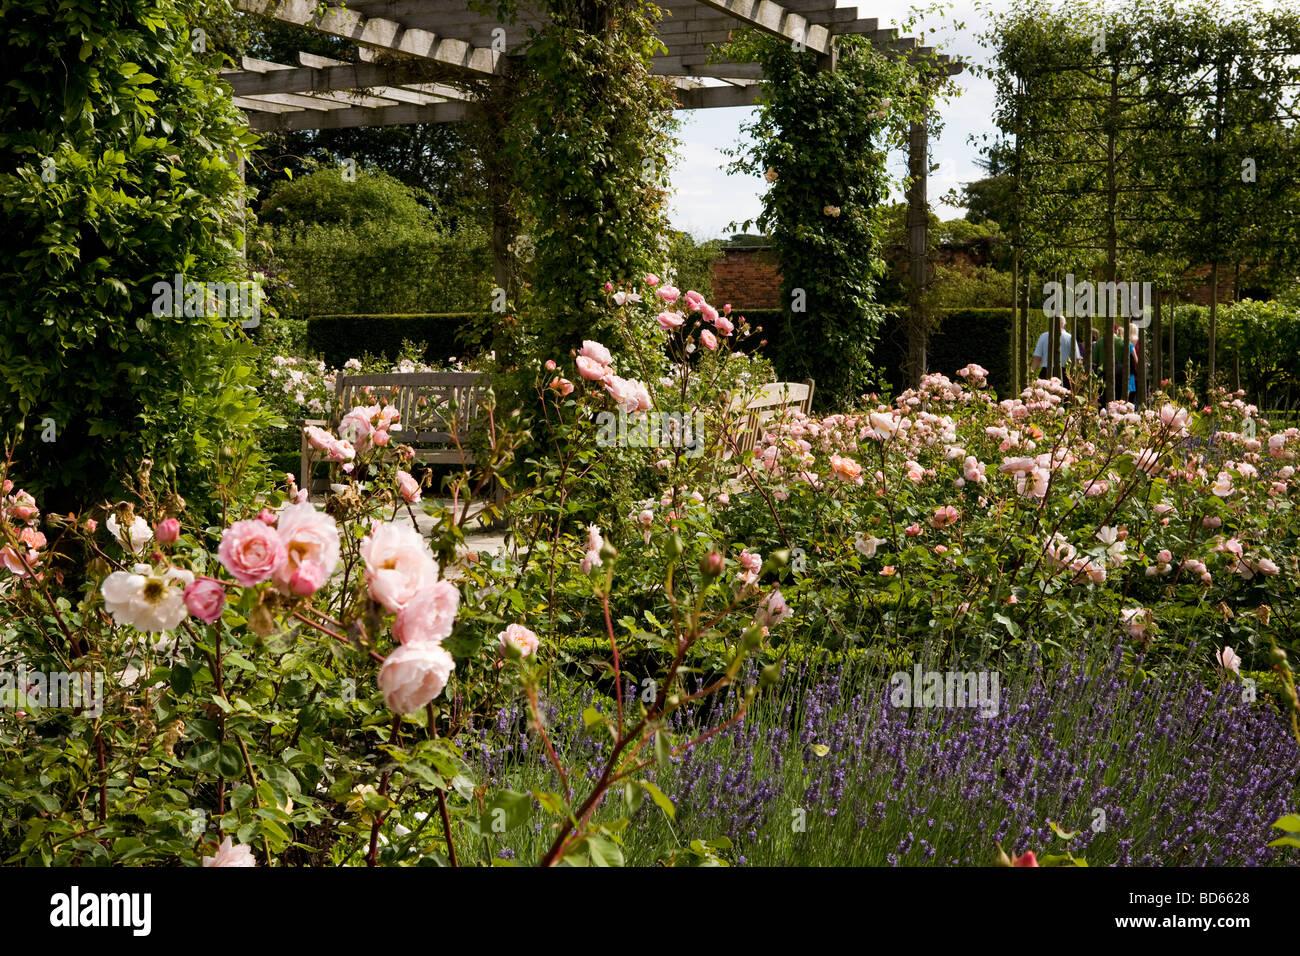 Alnwick Garden Fountain Stock Photos & Alnwick Garden Fountain Stock ...